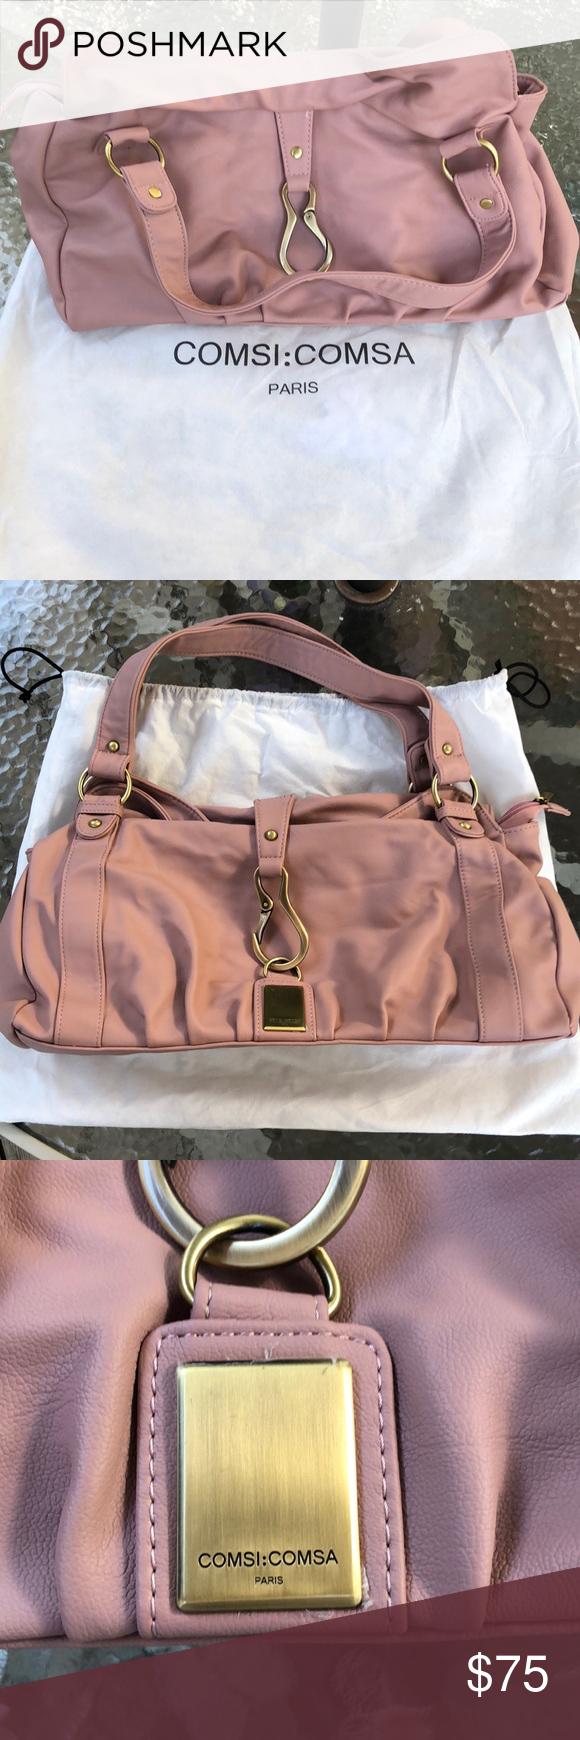 COMSI:COMSA PARIS Handbag COMSI:COMSA PARIS Handbag Color